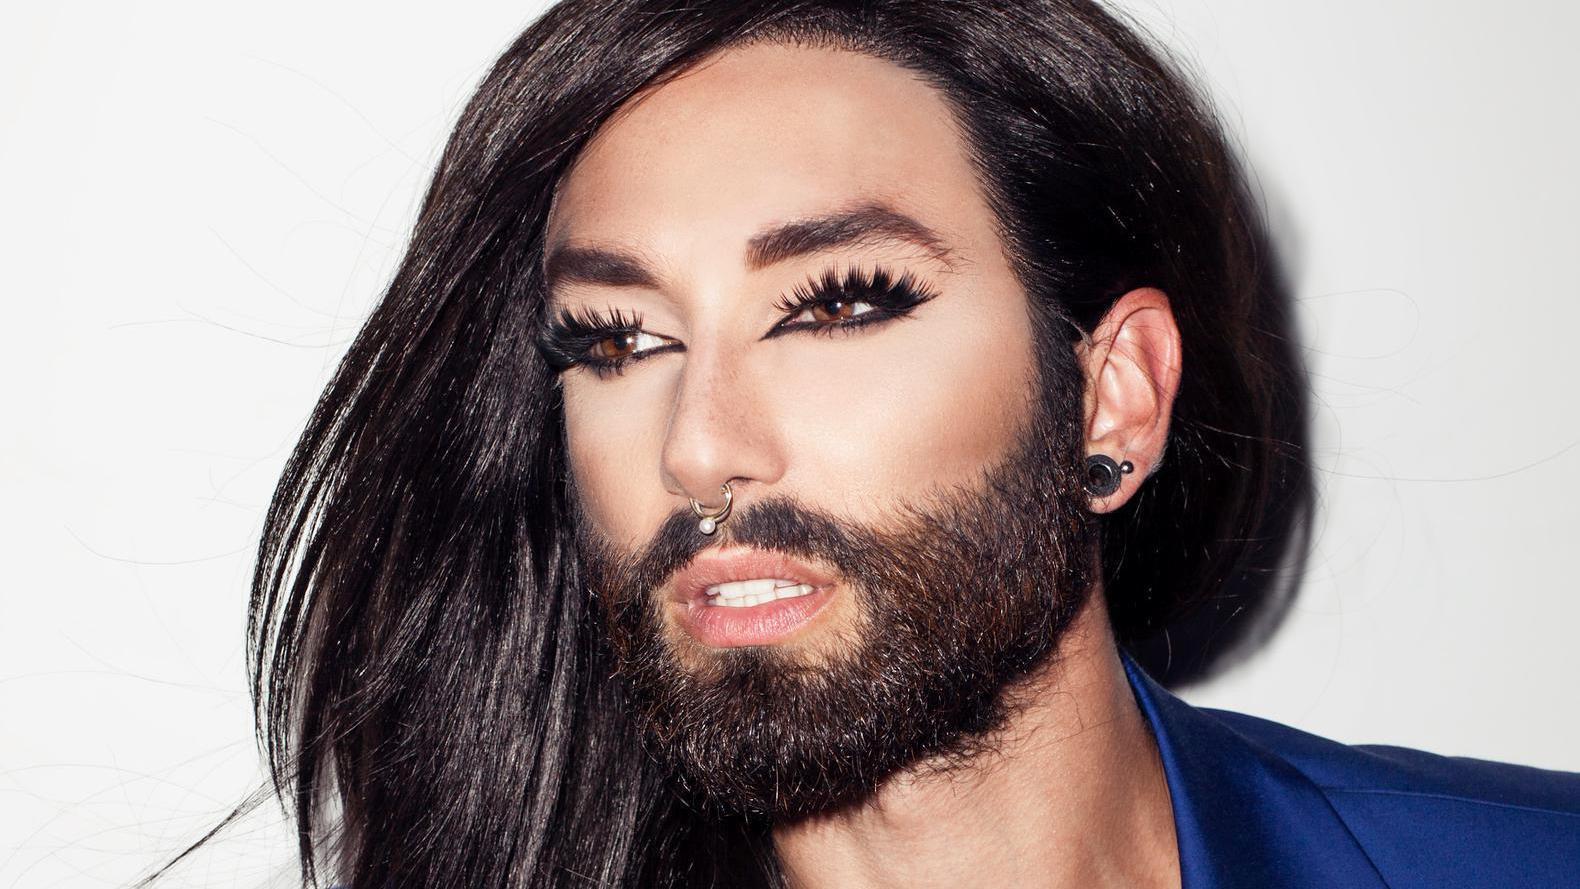 Eurovision Şampiyonu Conchita Wurst, HIV Pozitif Olduğunu Açıklamaya Zorlandı!